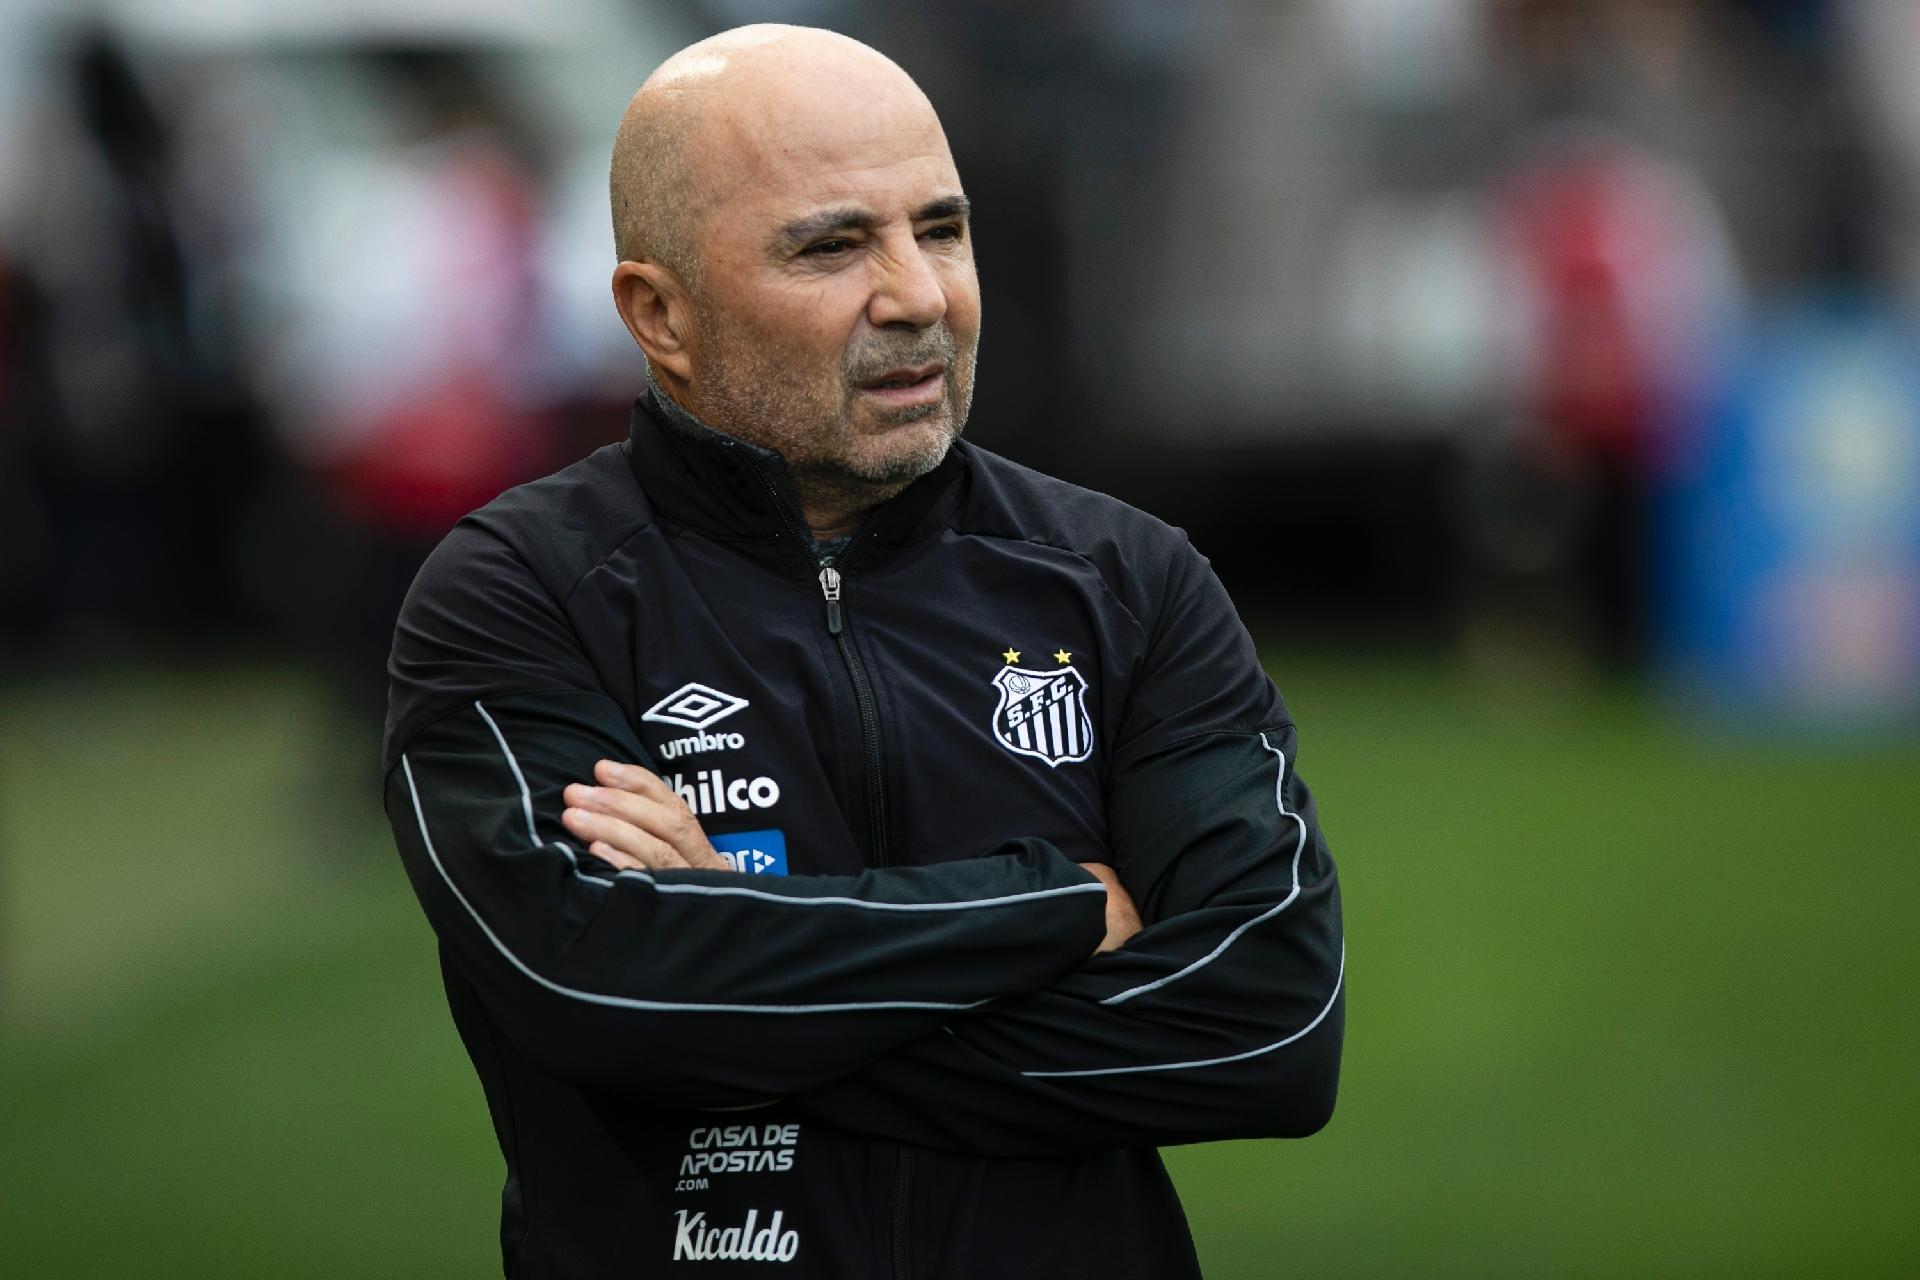 Através do bom futebol, Santos de Jorge Sampaoli salvou a vida de torcedor com depressão